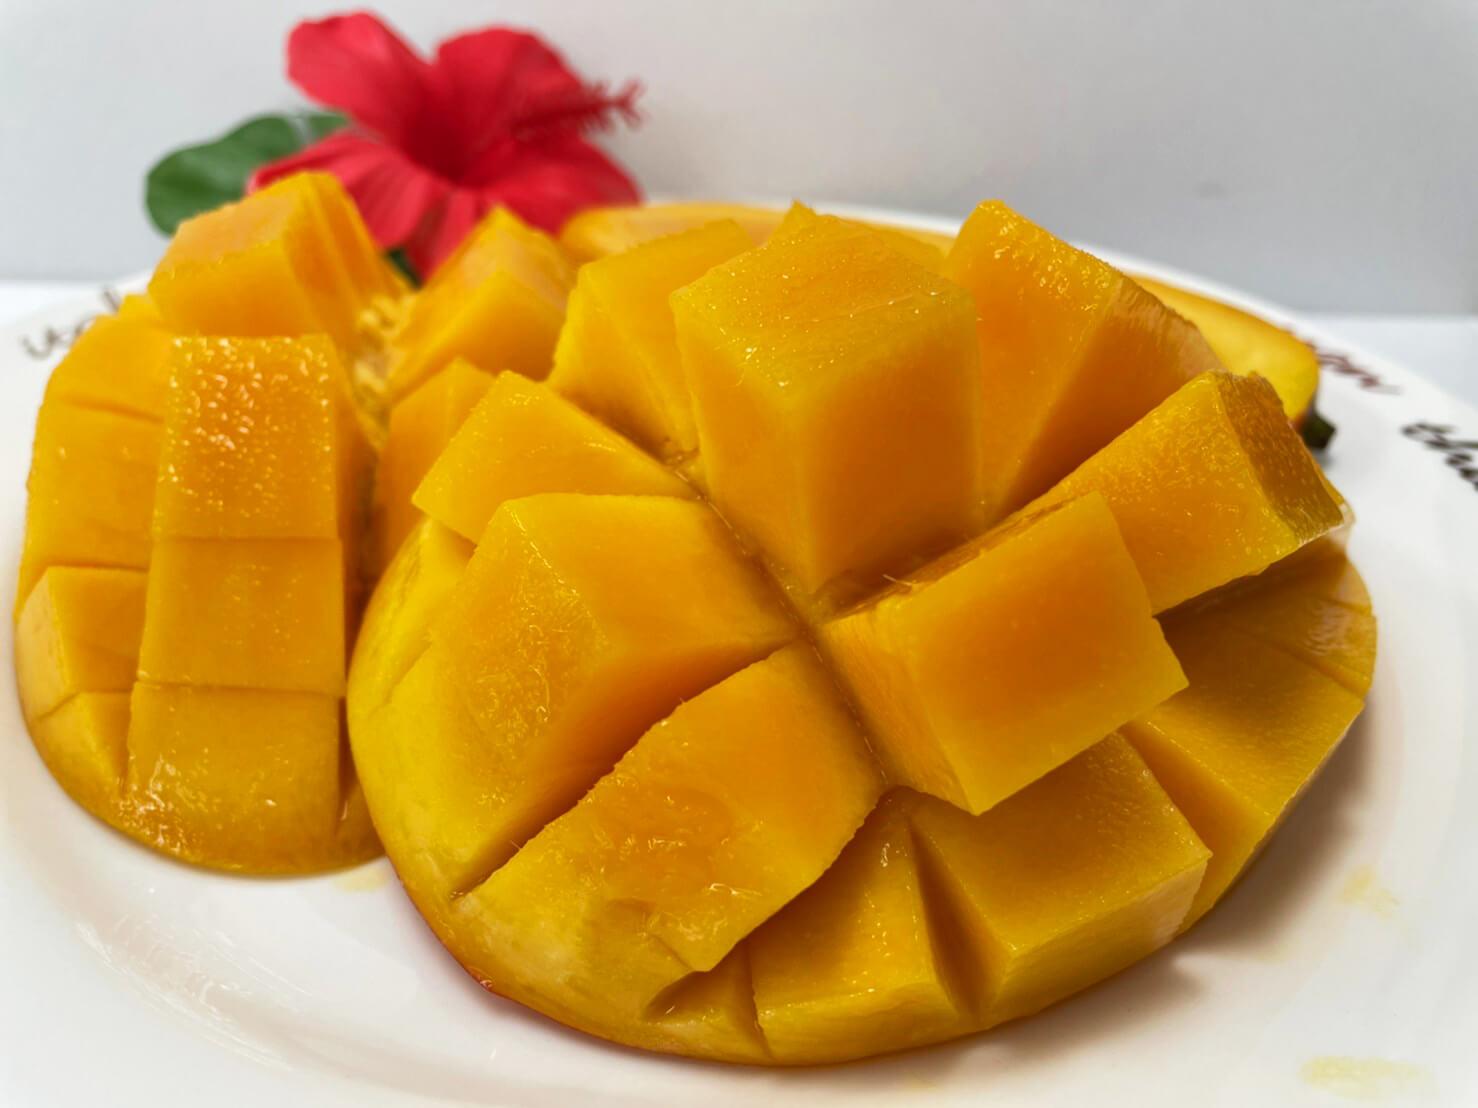 沖縄のマンゴーの旬は6~8月頃。香りが良く、甘くてジューシーなマンゴーは一度食べると忘れられない